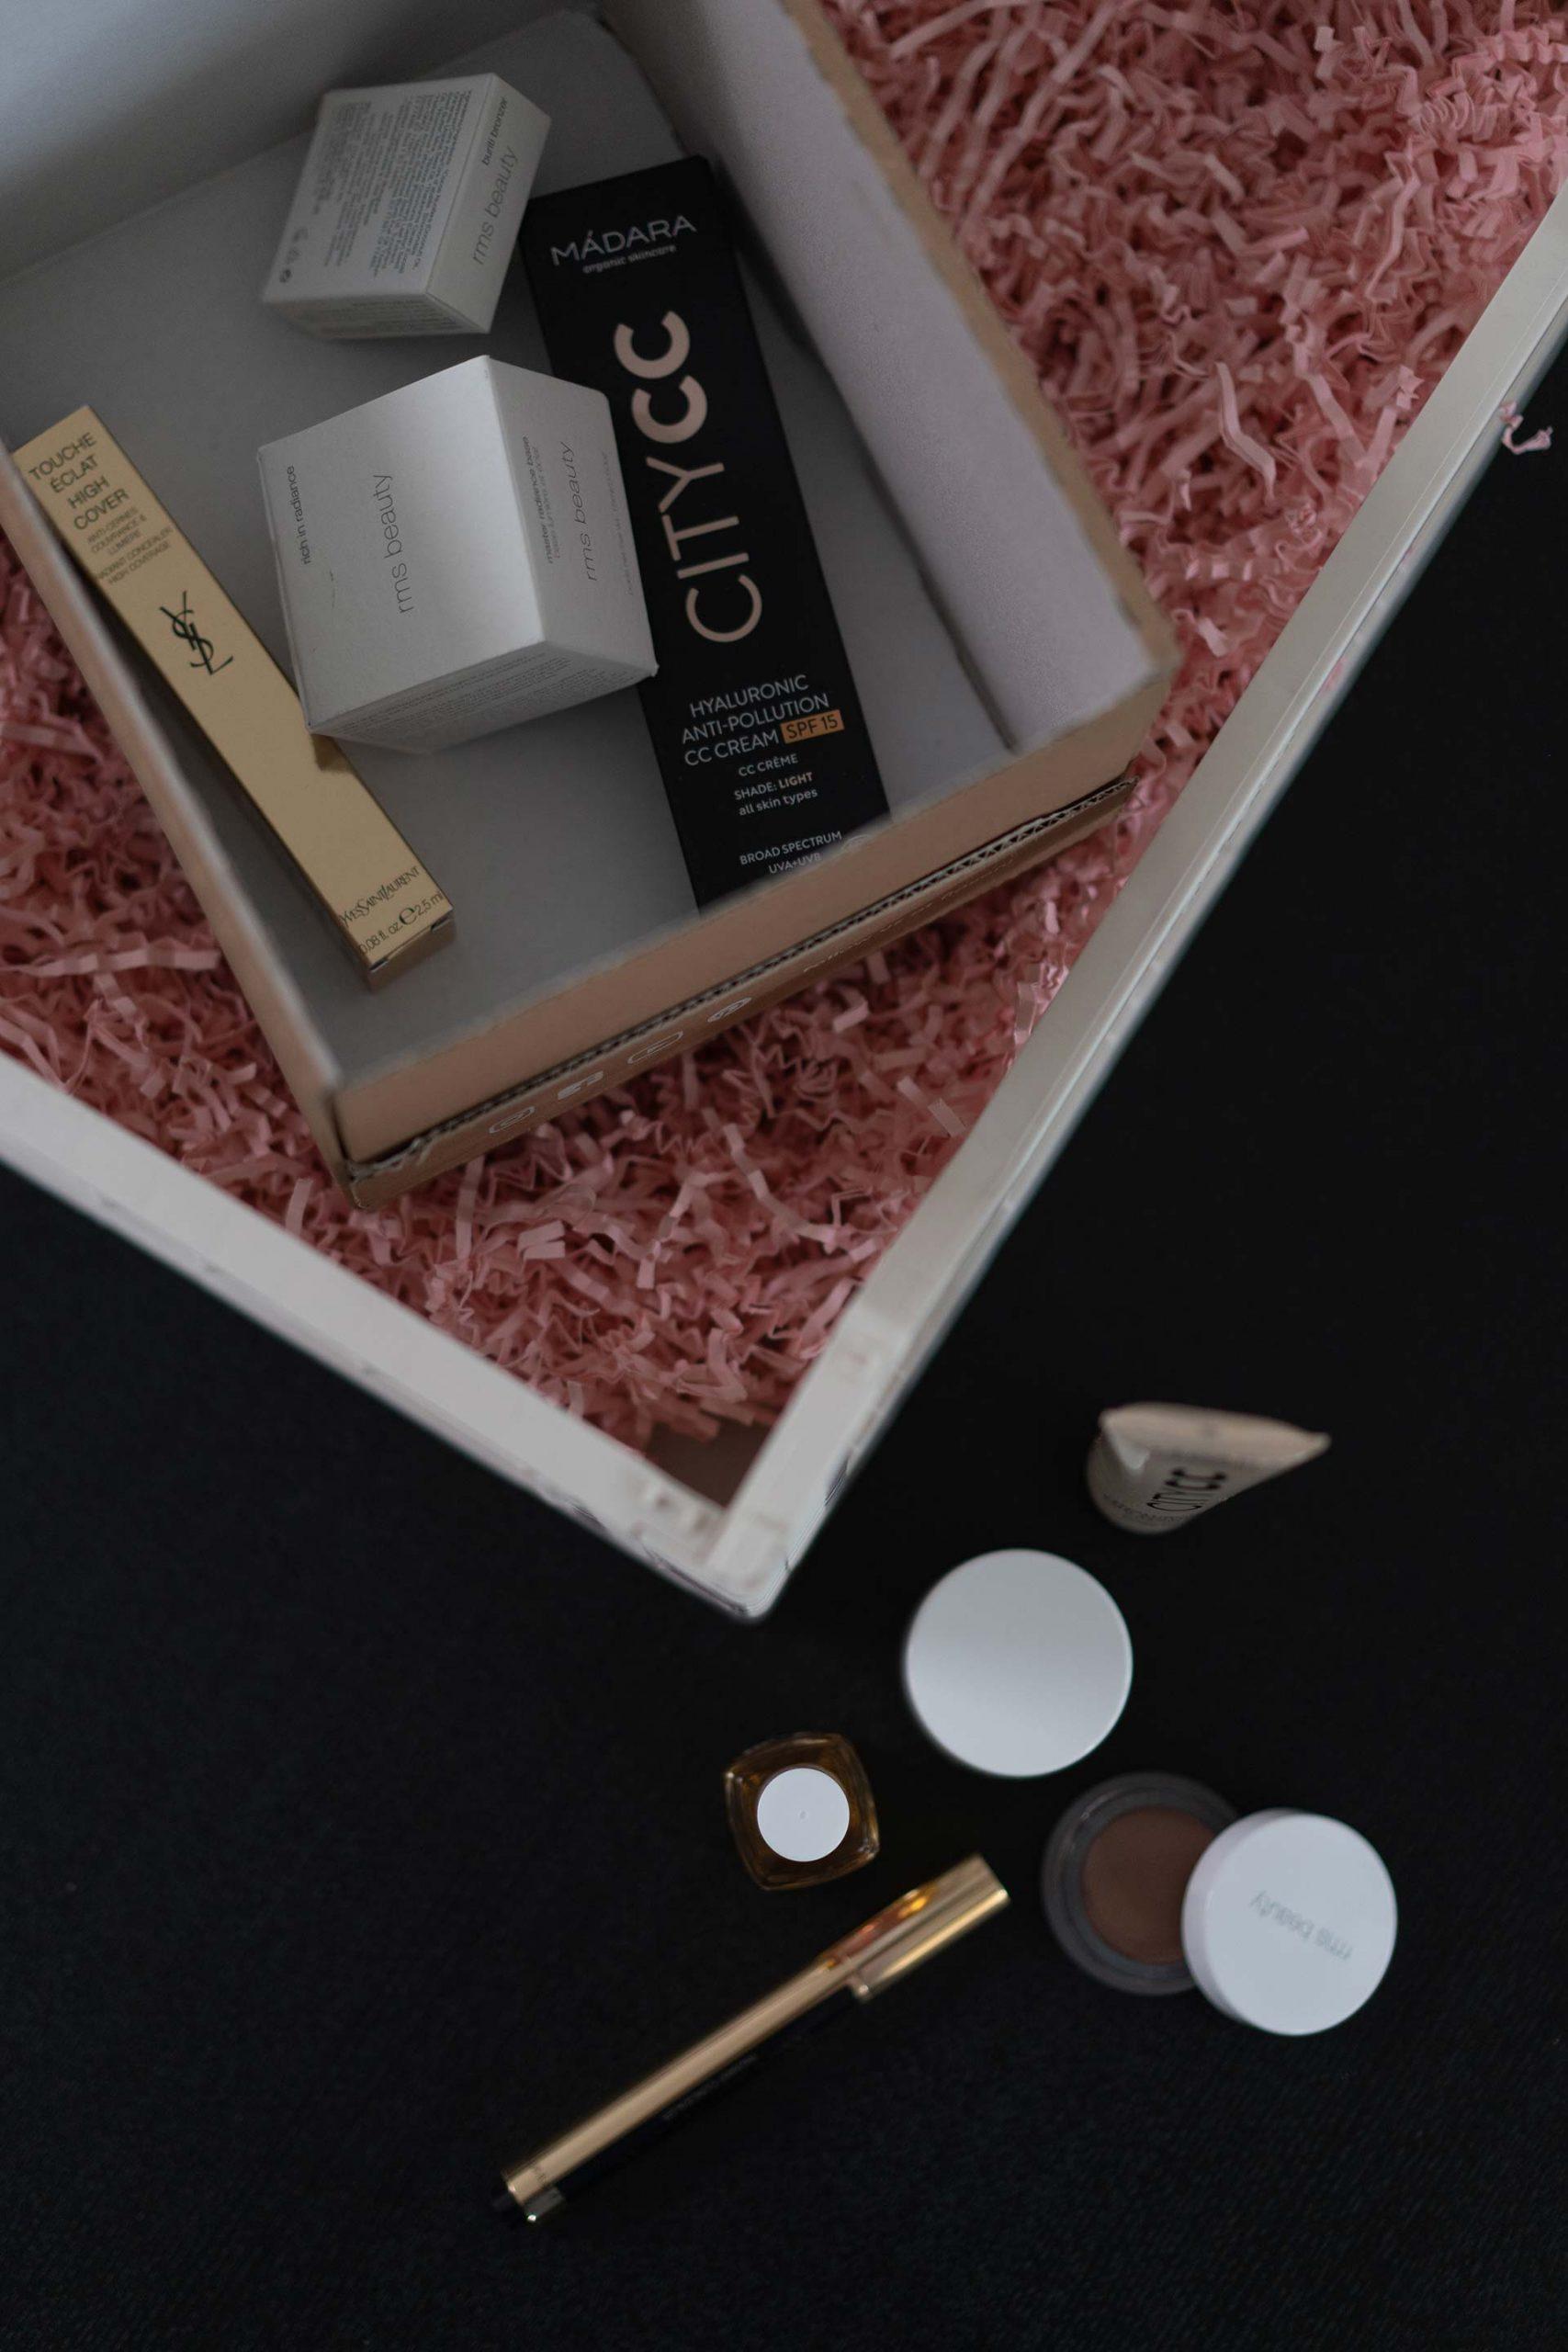 Anzeige. Wenn auch du deine Beautyprodukte online kaufen möchtest, dann habe ich sehr nützliche Tipps für dich am Beautyblog gesammelt. Denn gerade Online gibt es ein paar Dinge zu beachten, bevor man schlussendlich den Bestell-Button klickt. www.whoismocca.com